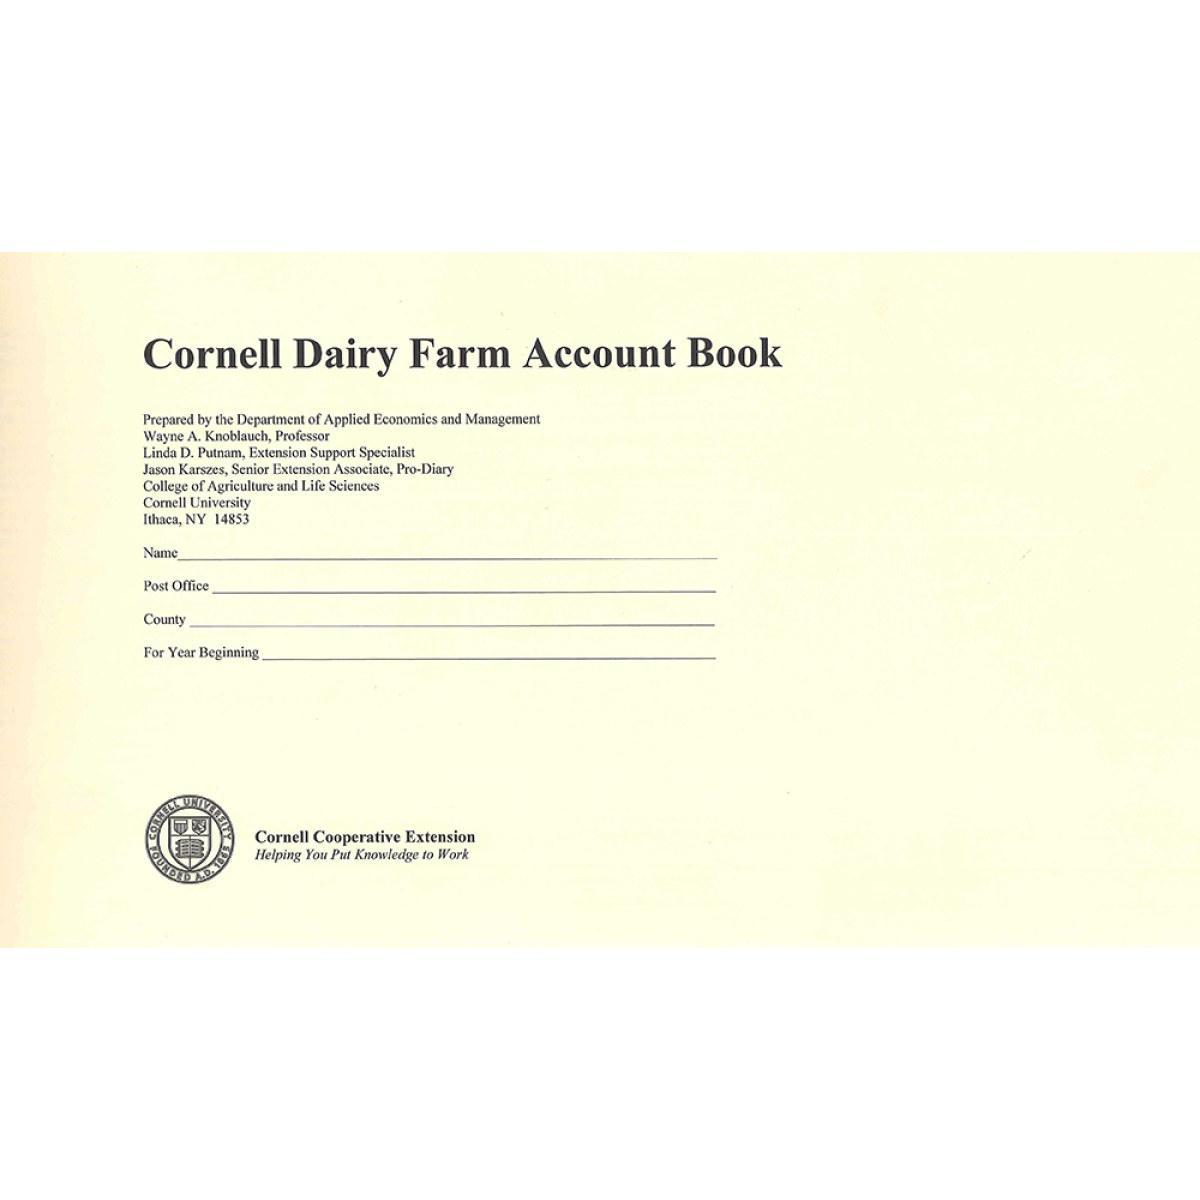 Cornell Dairy Farm Account Cream Cover